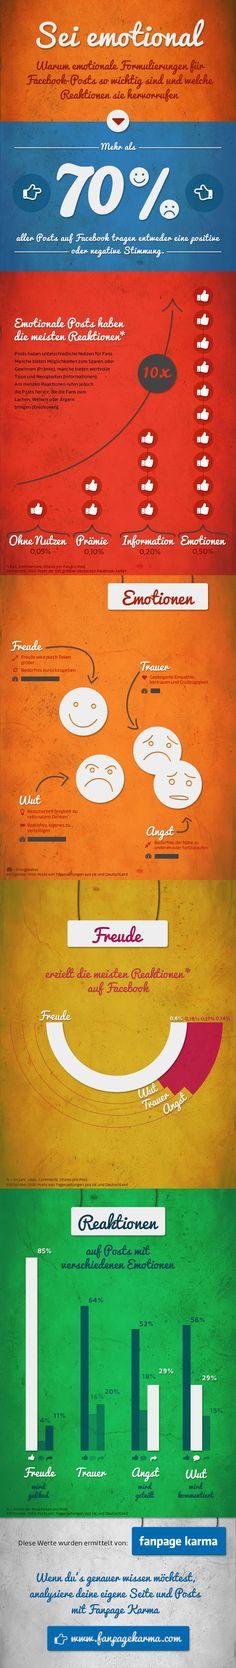 Emotionen in Social Media